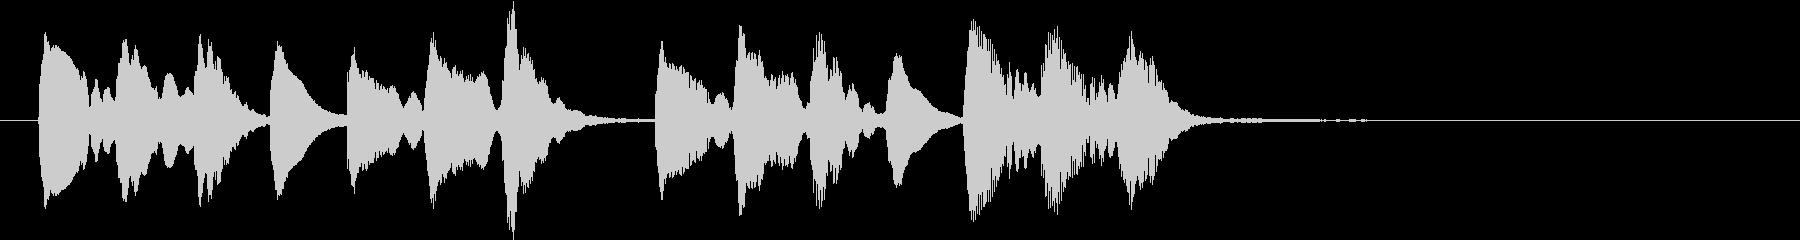 ほのぼのした場面切り替えに使えるジングルの未再生の波形